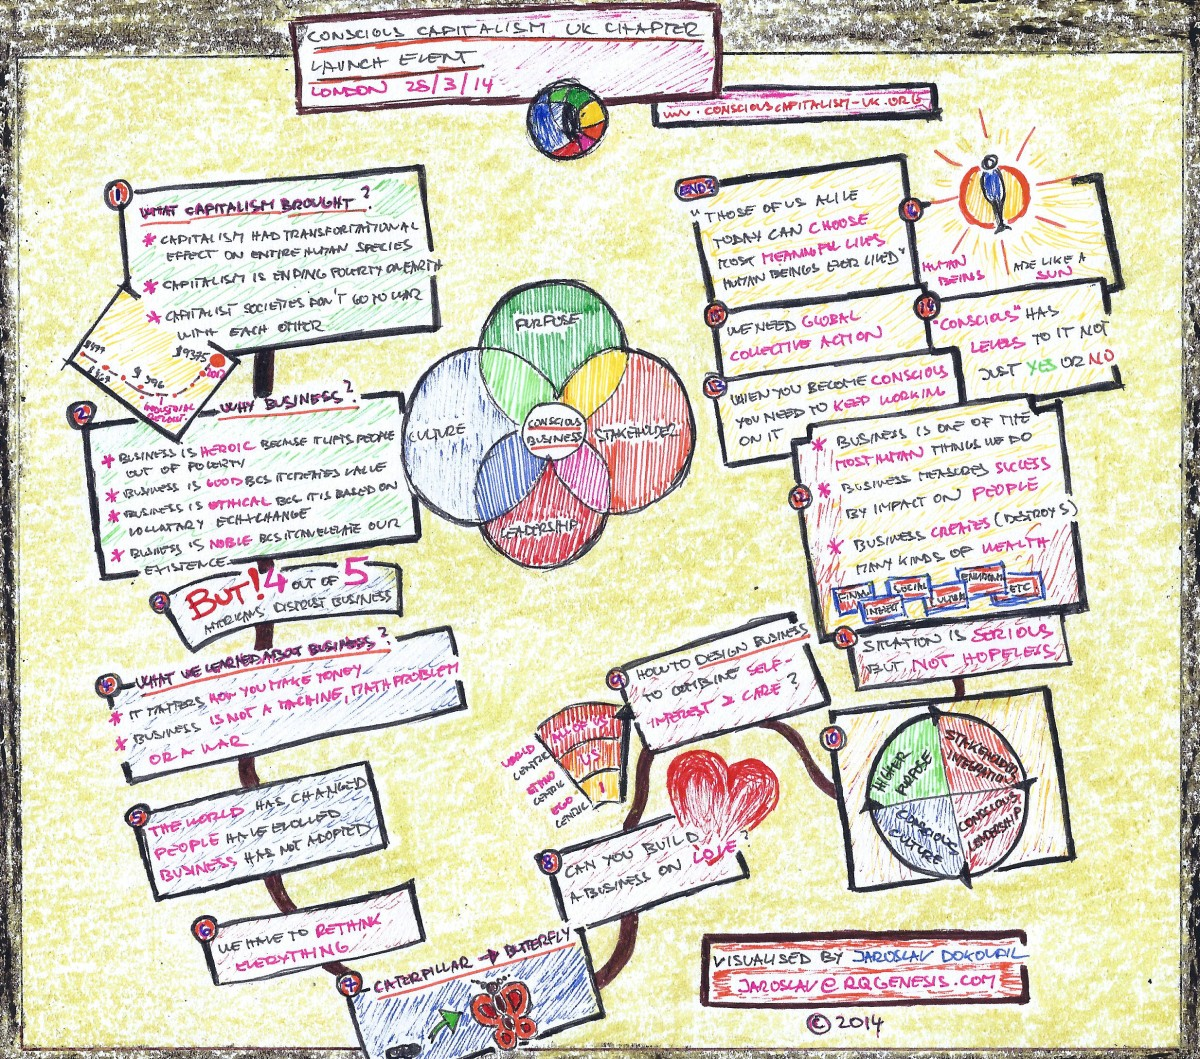 Visual summary of Raj Sisodia's talk